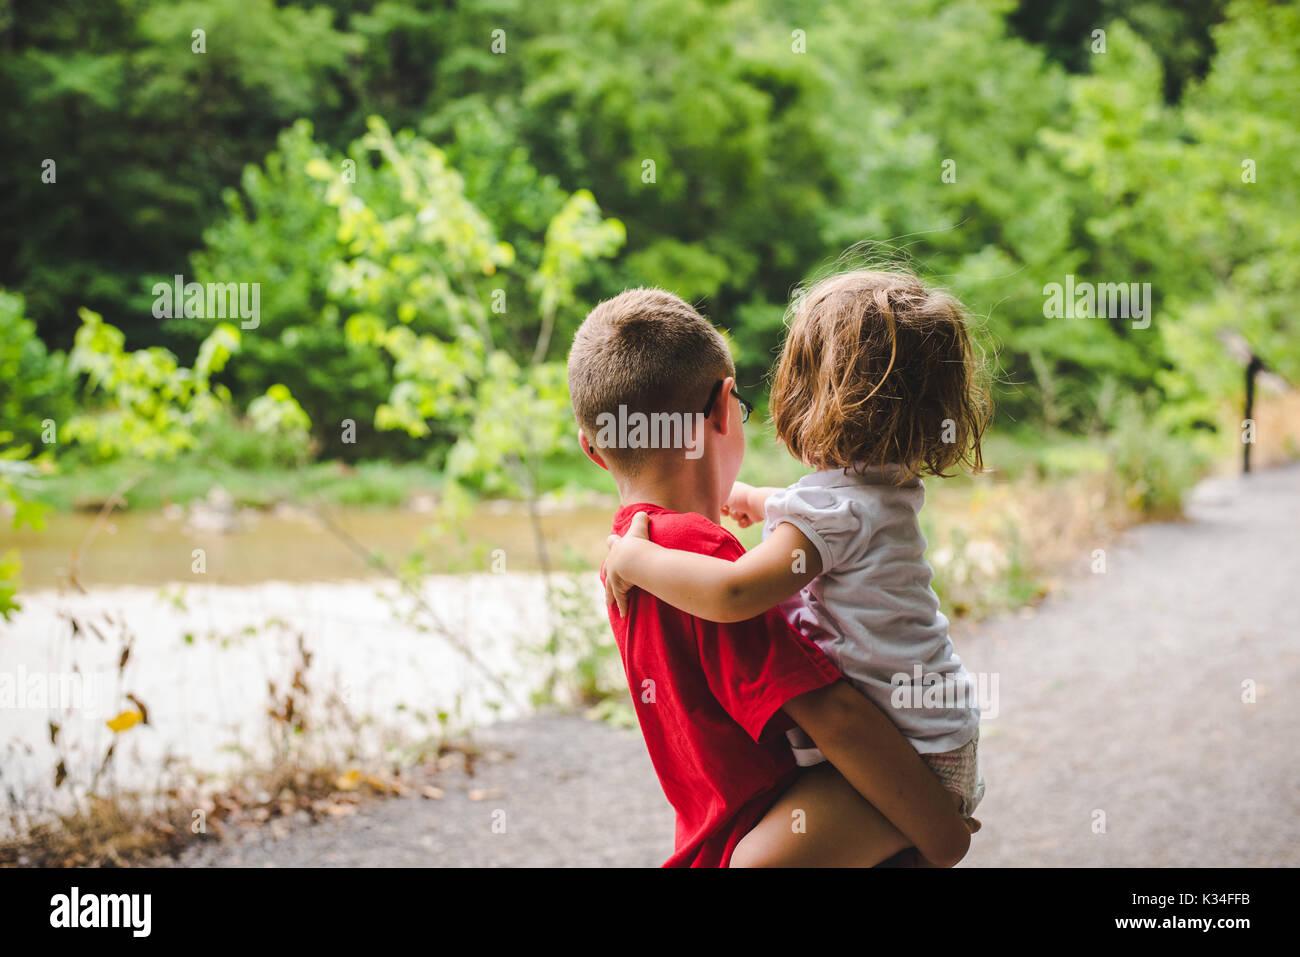 Un petit garçon est titulaire d'une petite fille sur un chemin bordé d'arbres. Photo Stock